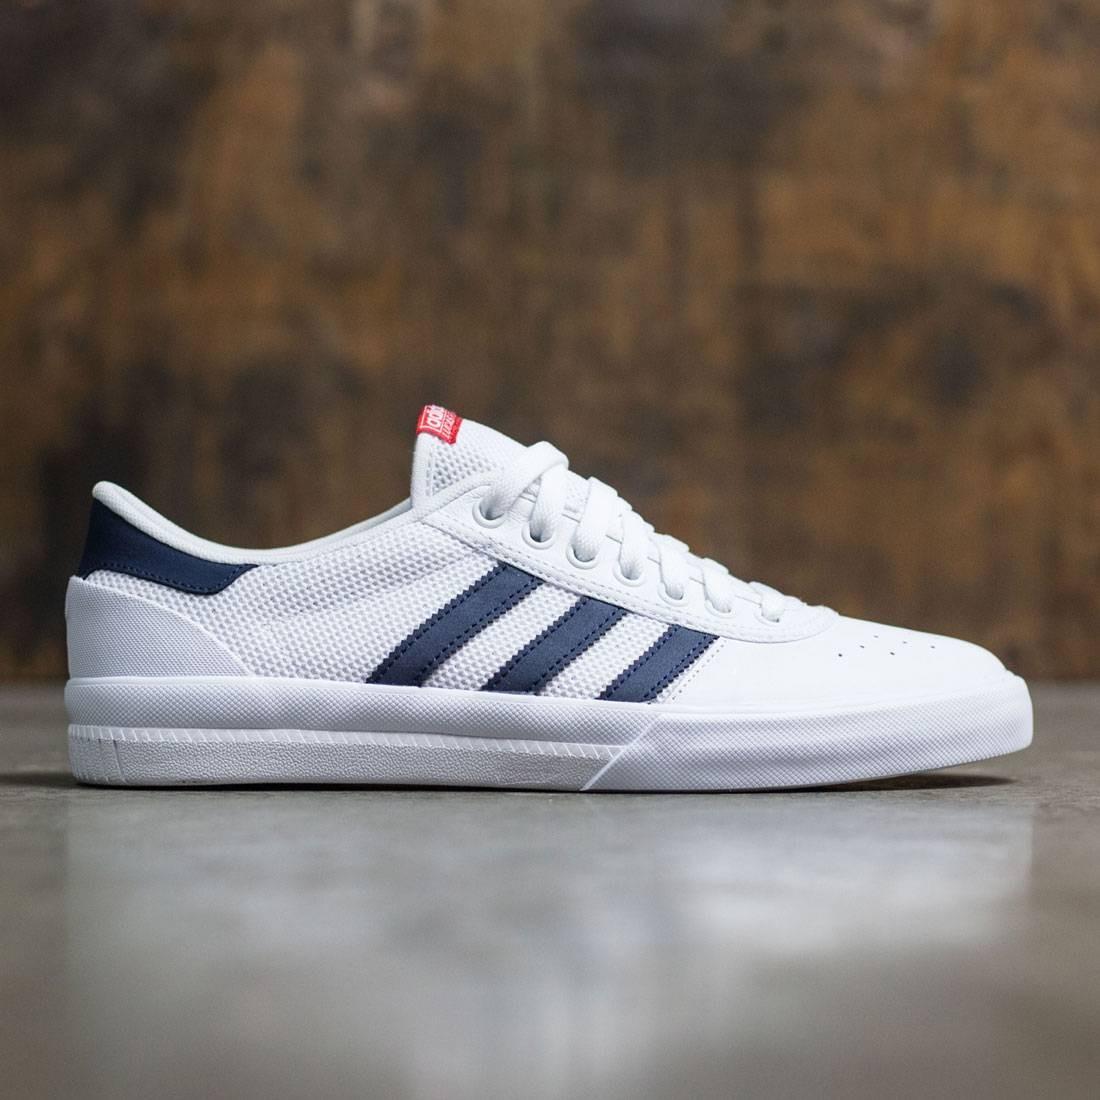 Adidas Men's Lucas Premiere ADV Shoes